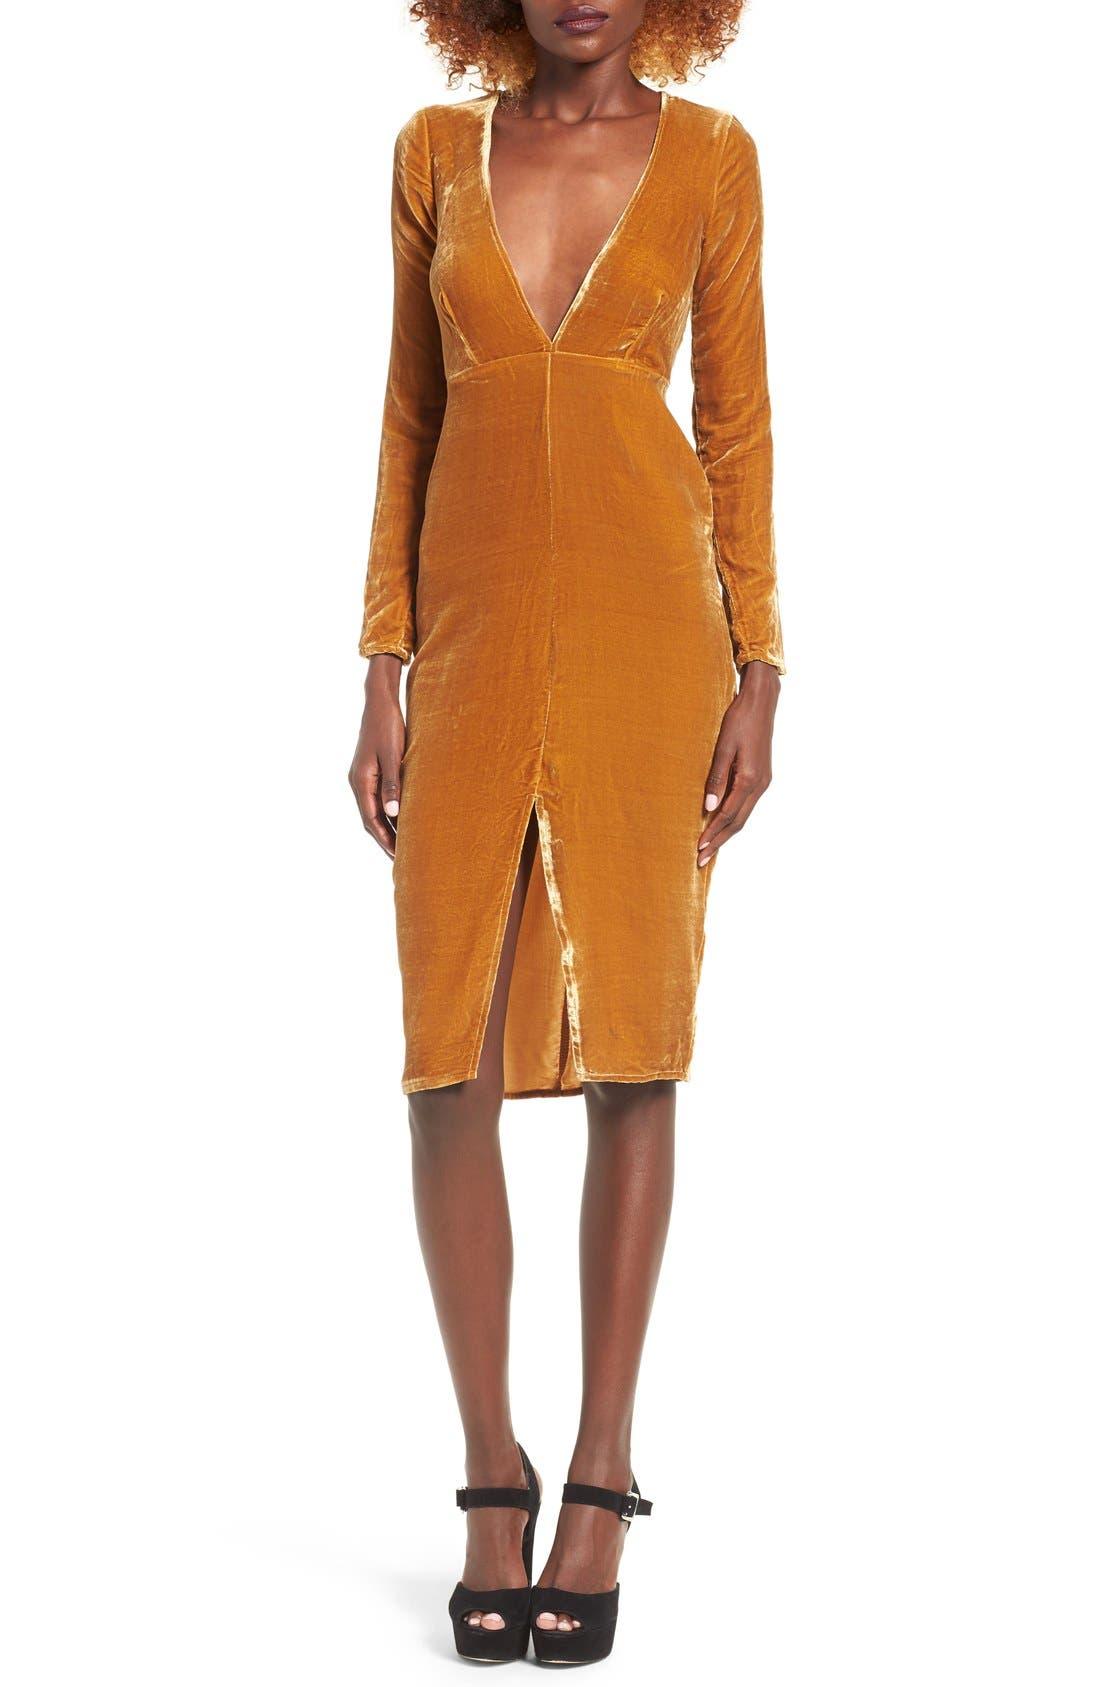 Alternate Image 1 Selected - For Love & Lemons Collette Midi Dress